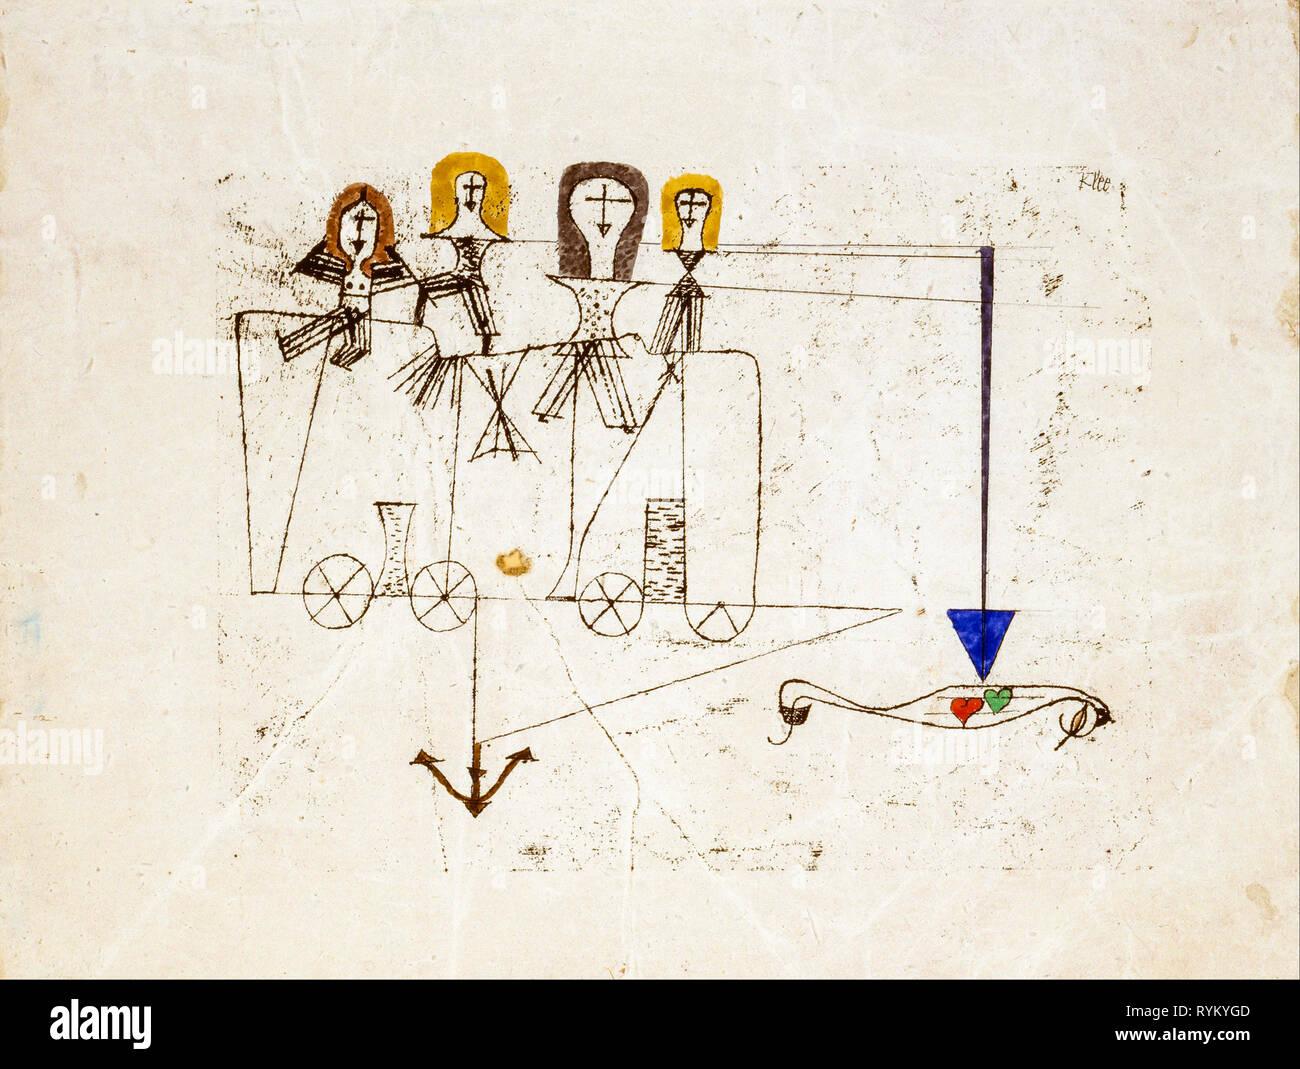 L'art abstrait, la vertu Wagon (à la mémoire du 5 octobre 1922), Paul Klee, peinture, 1922 Banque D'Images